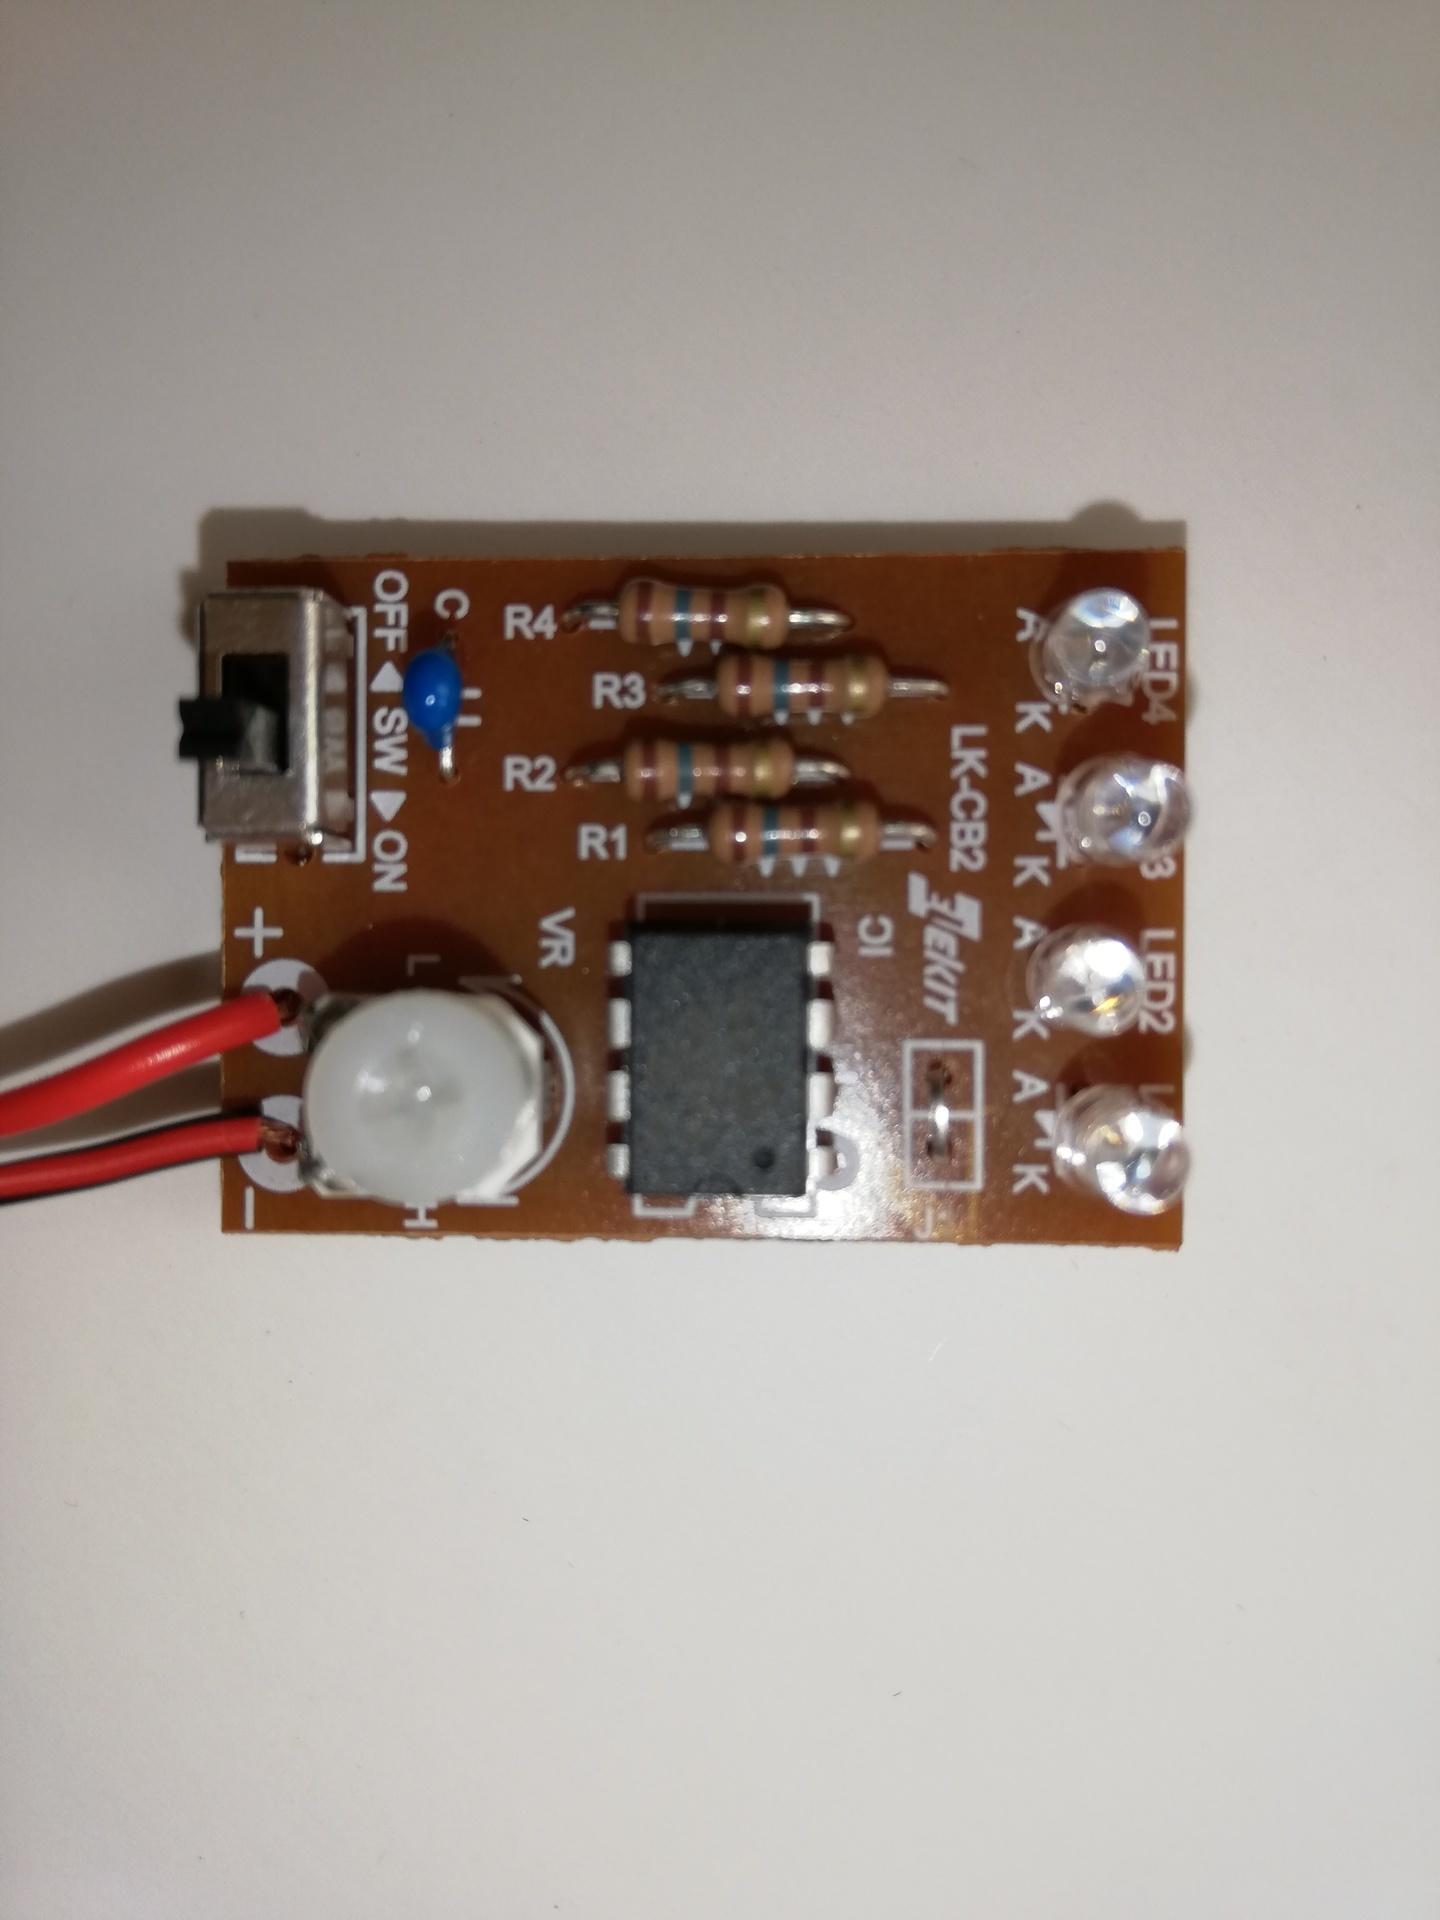 LED順送り点灯キット [ LK-CB2 ]の完成: 自作PC/エクセル/その他